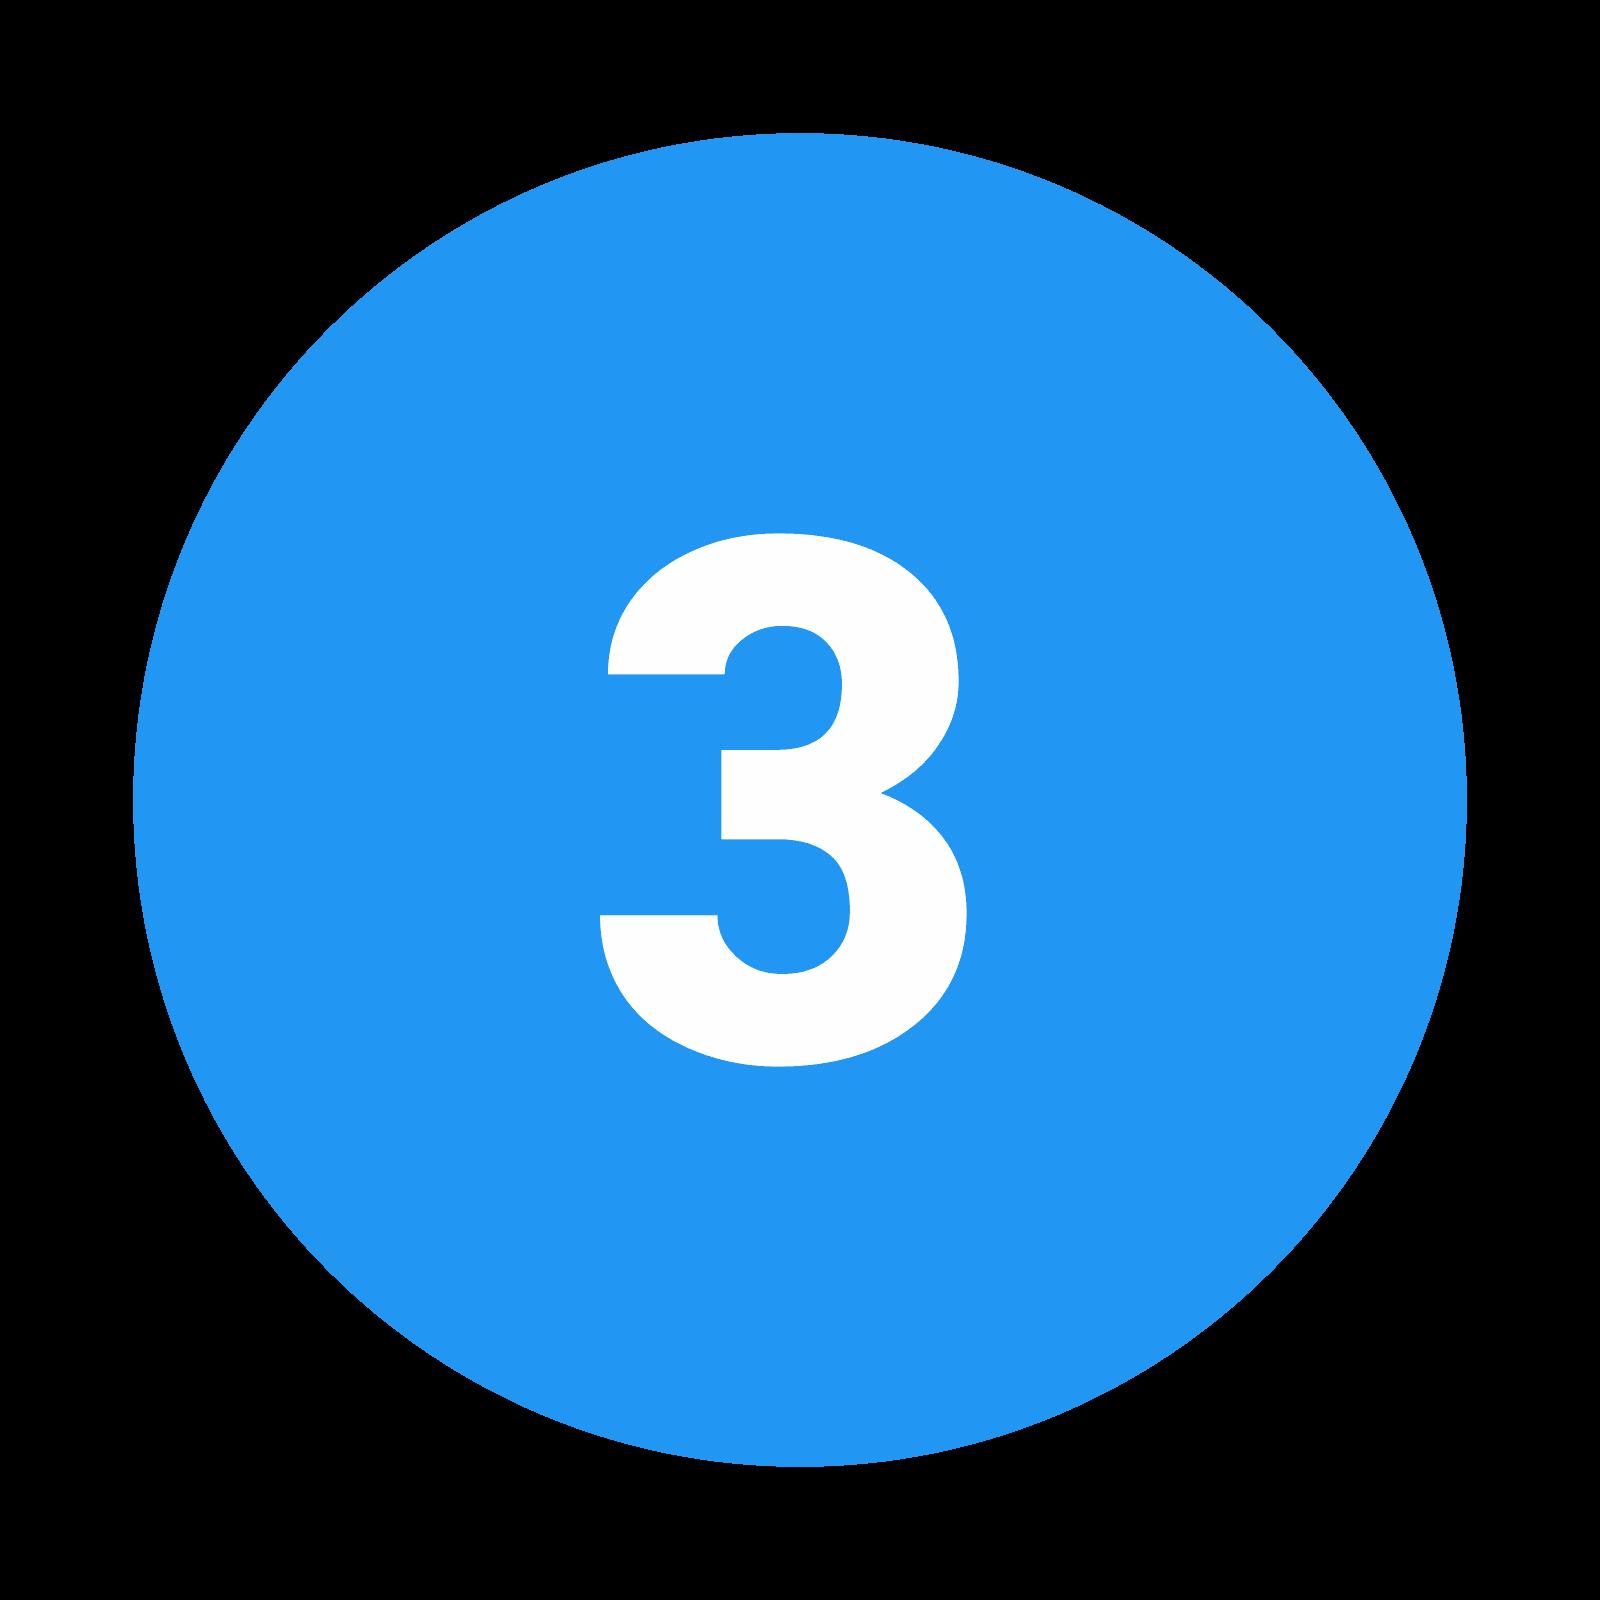 3-circle-c